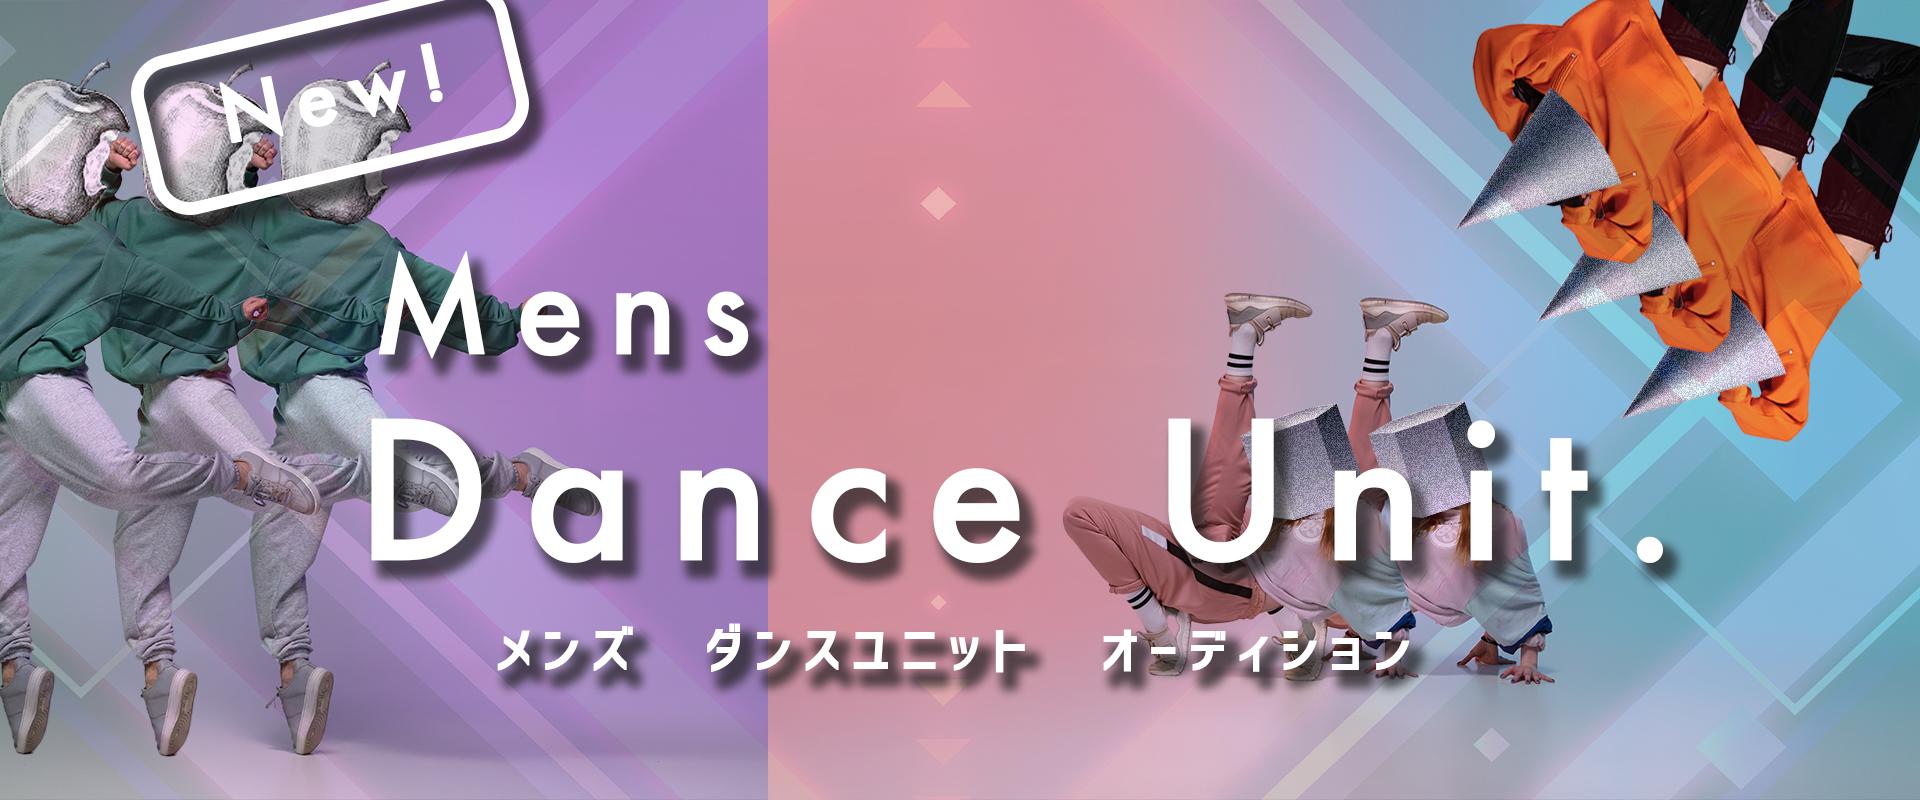 オーディション 合同会社アノピナ メンズダンスボーカルユニット オーディション 唯一無二の世界観で、スタイリッシュなメンズユニットを作っていきます 主催:合同会社アノピナ/フレオマネジメント、カテゴリ:メンズアイドル